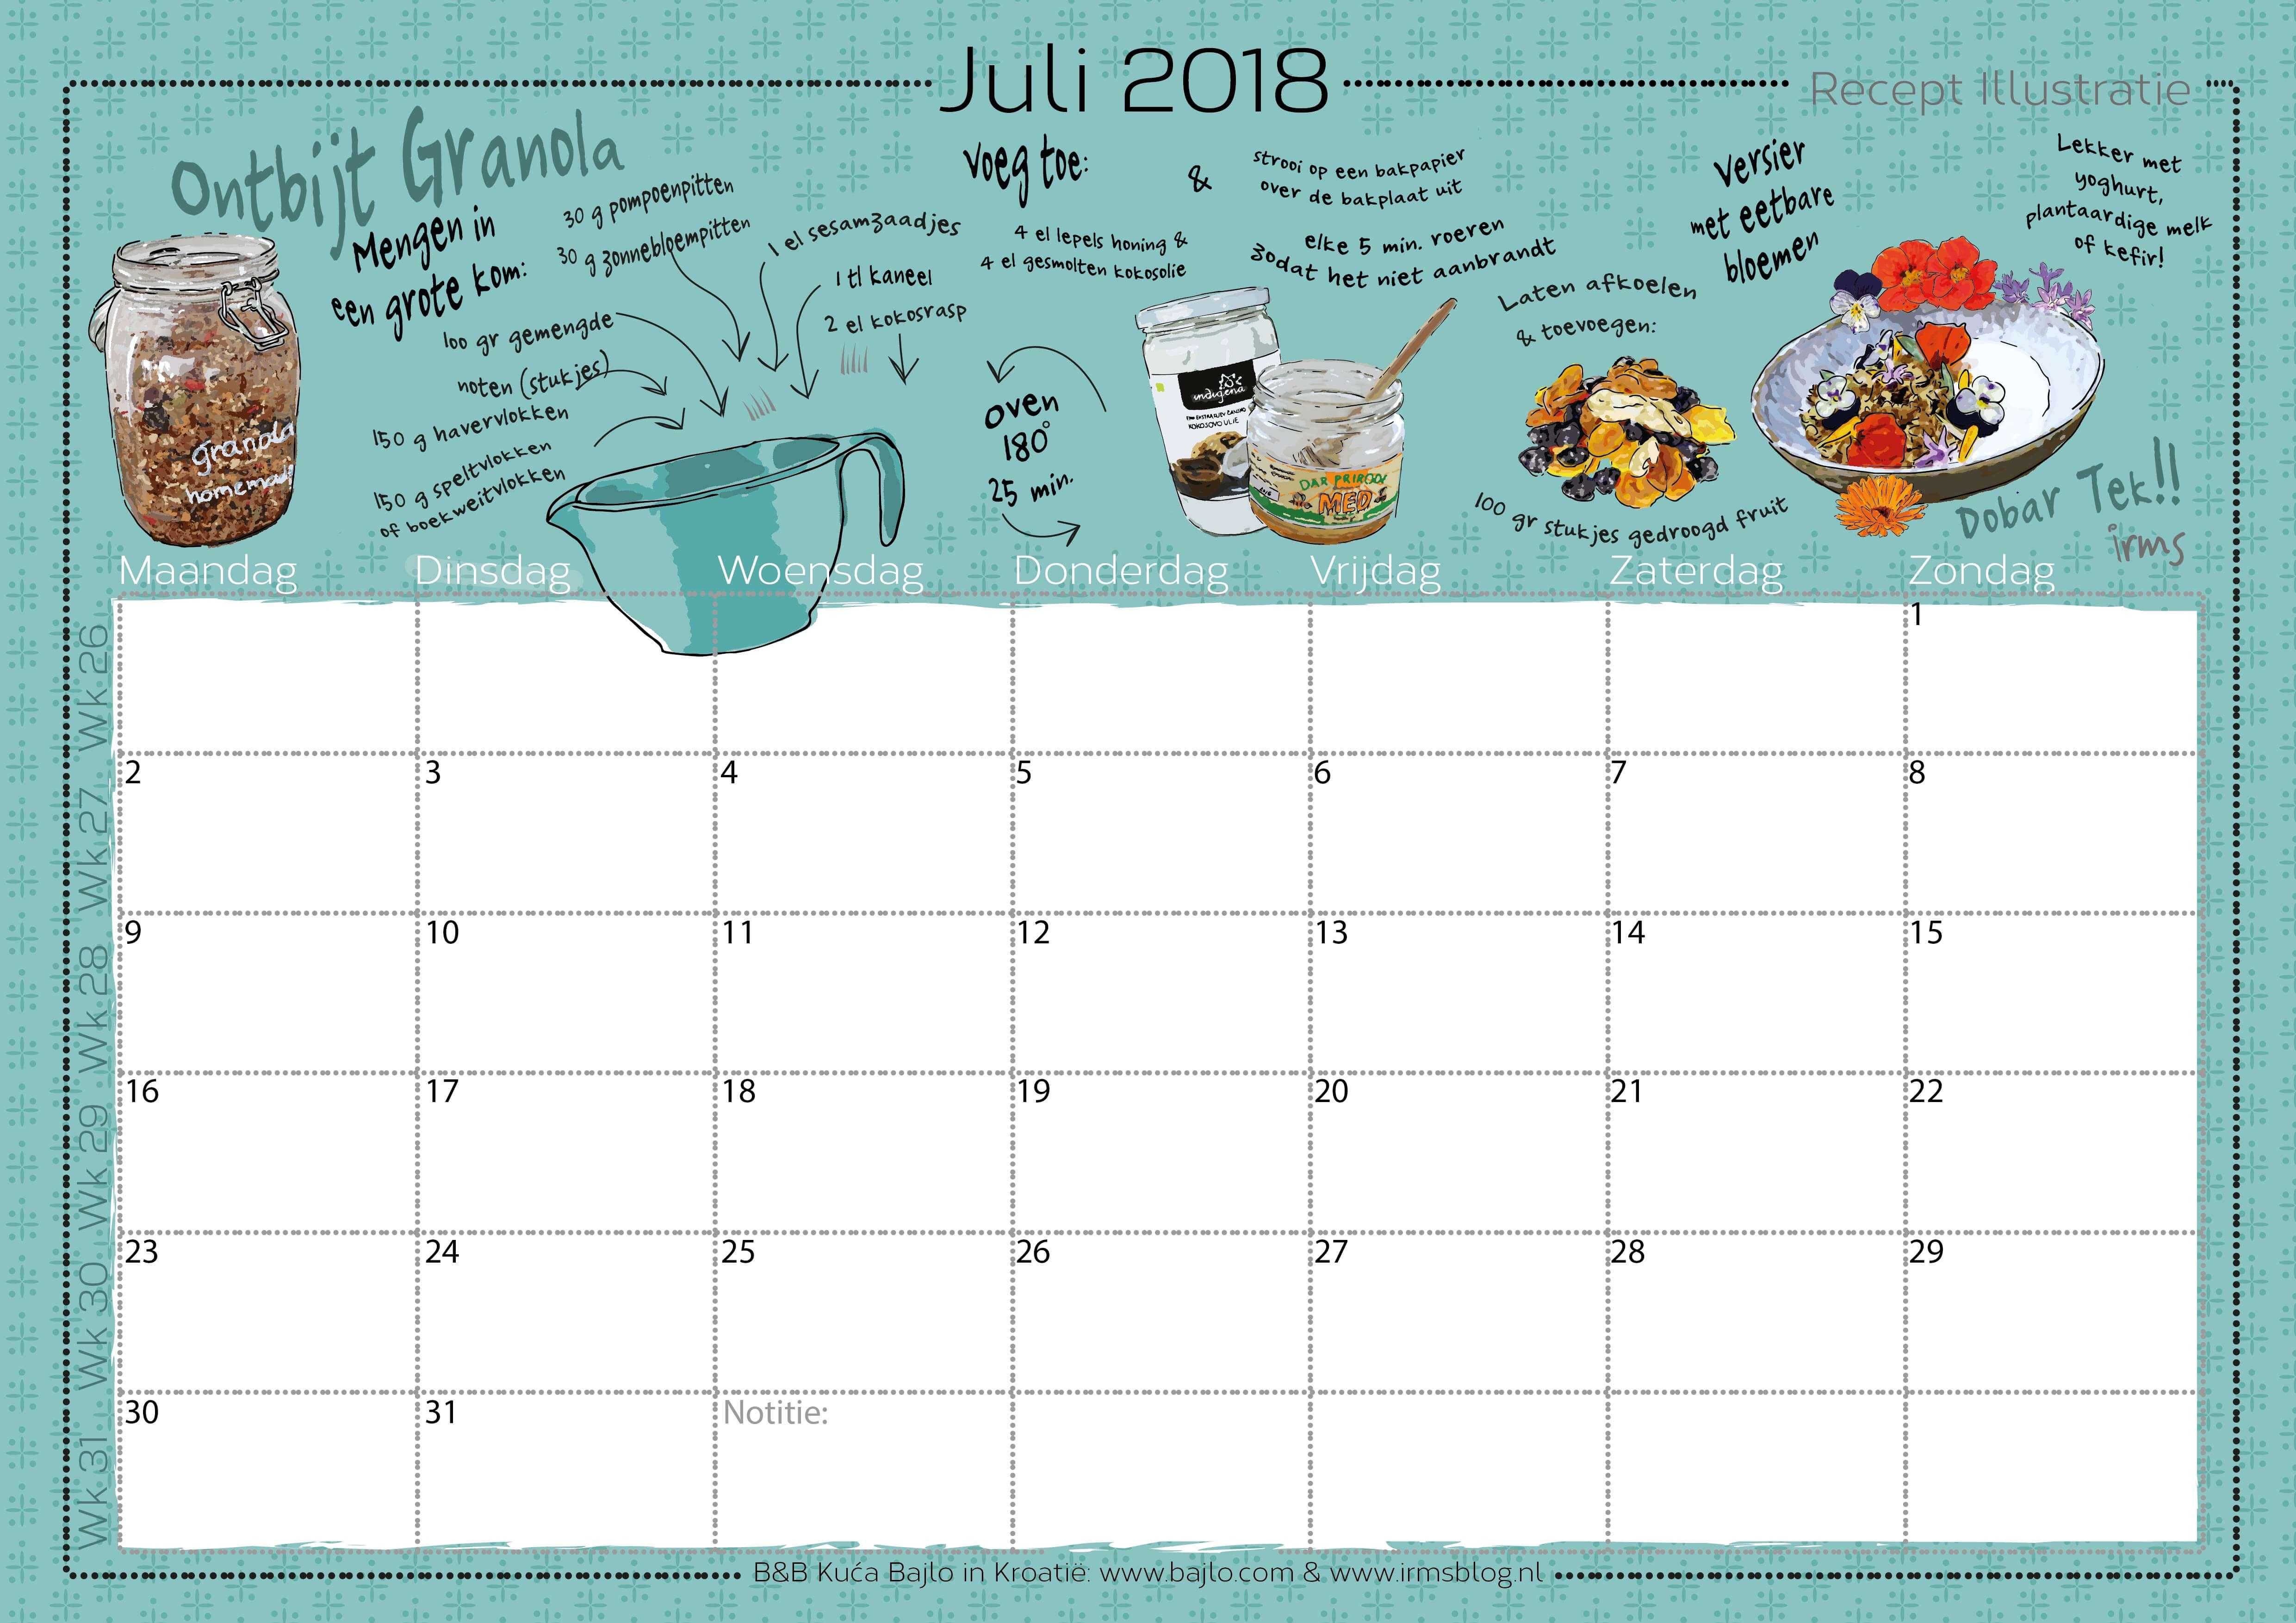 receptenkalender-2018-irmsblog_granola